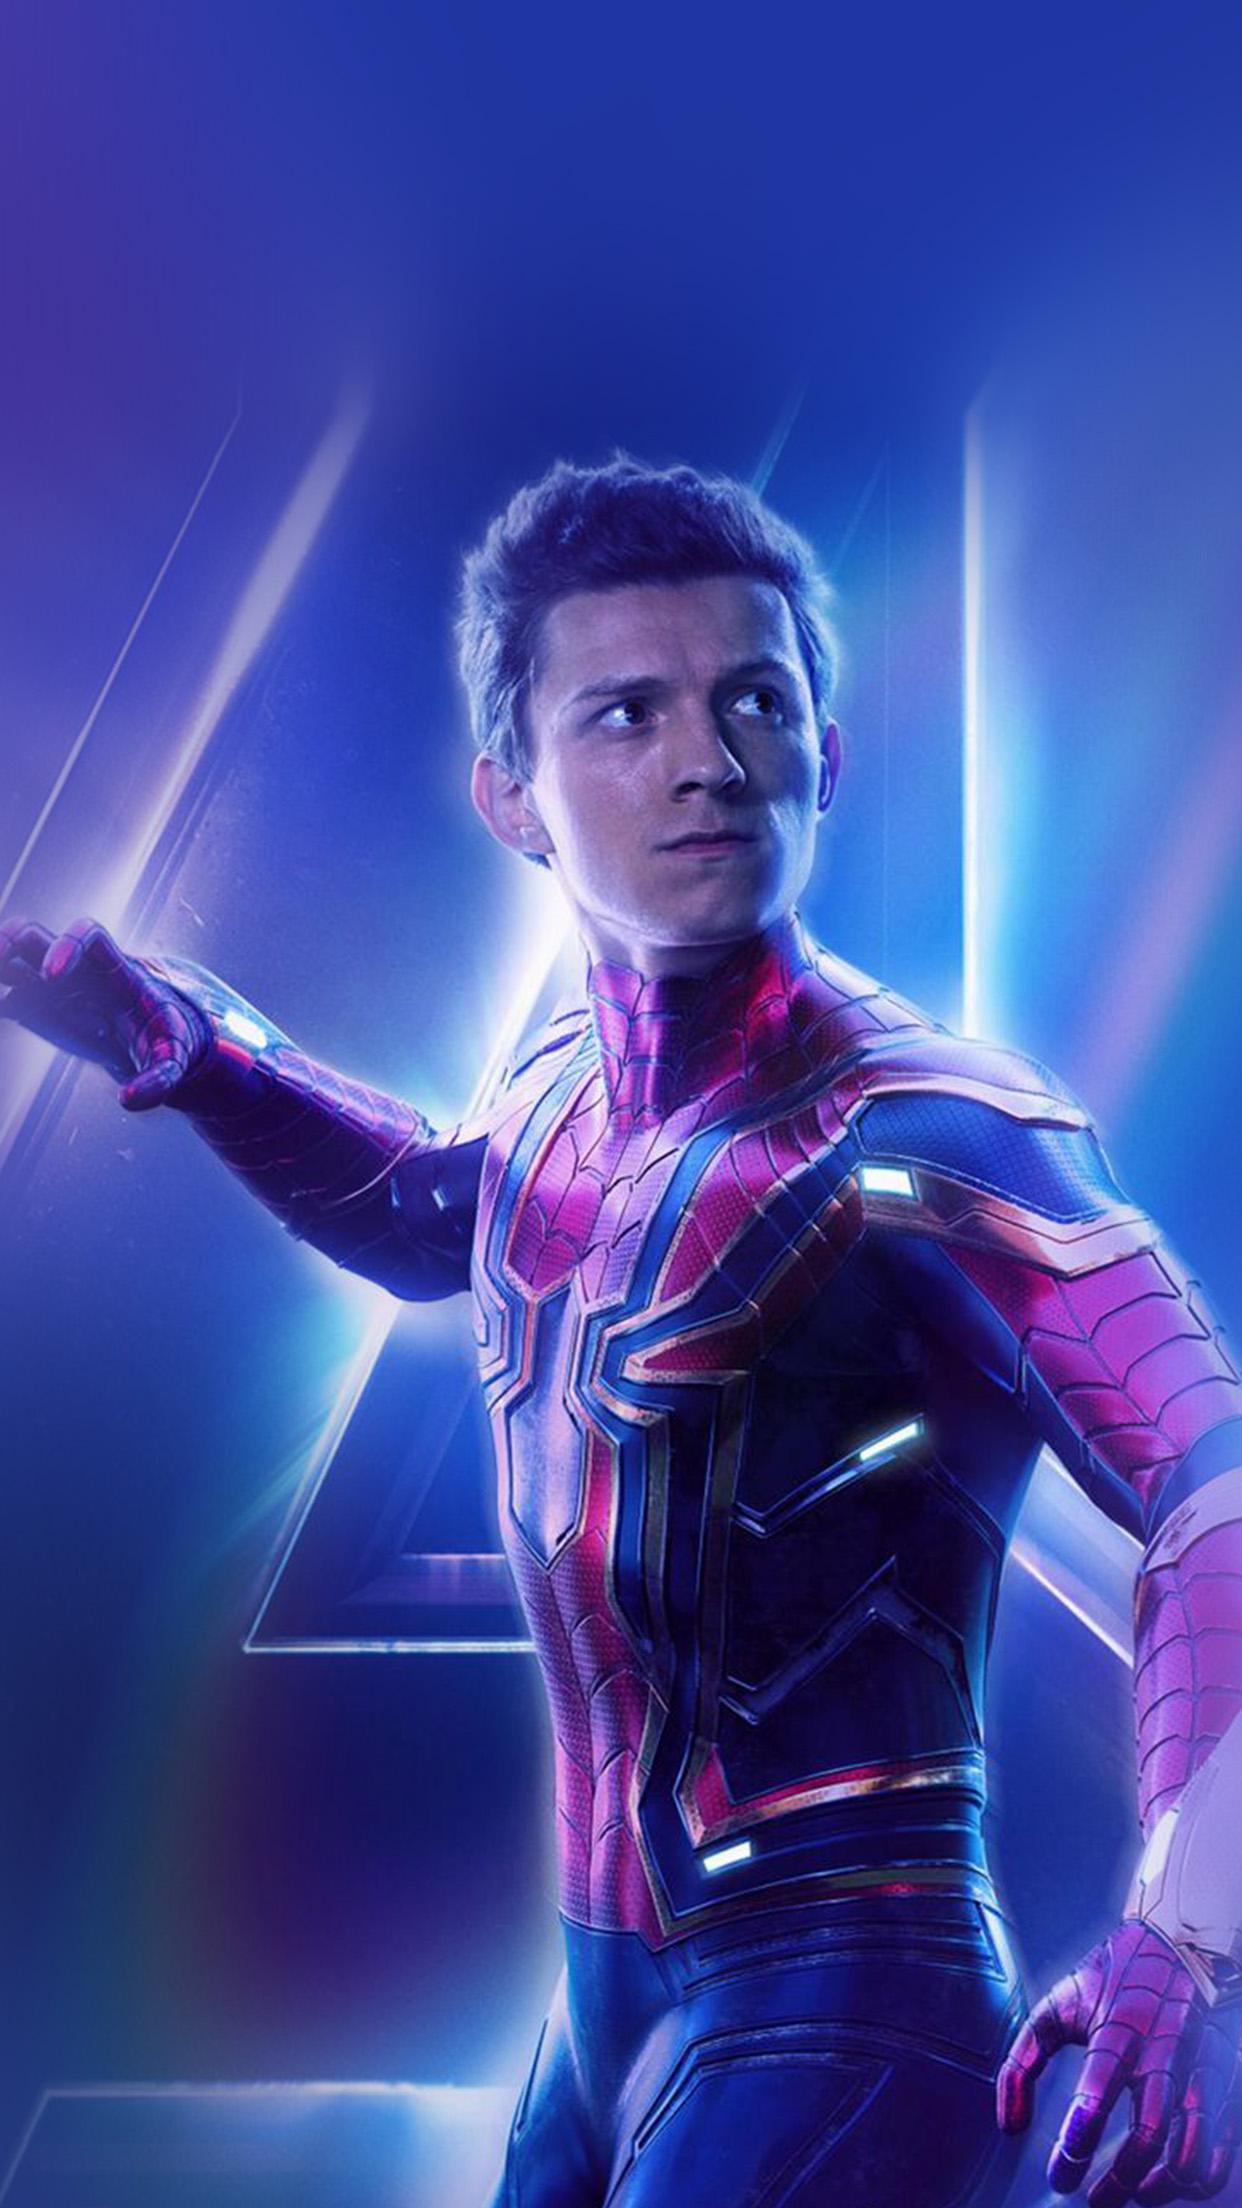 iPhone6papers.com | iPhone 6 wallpaper |  be92-spiderman-suit-avengers-infinitywar-marvel-hero-art-film